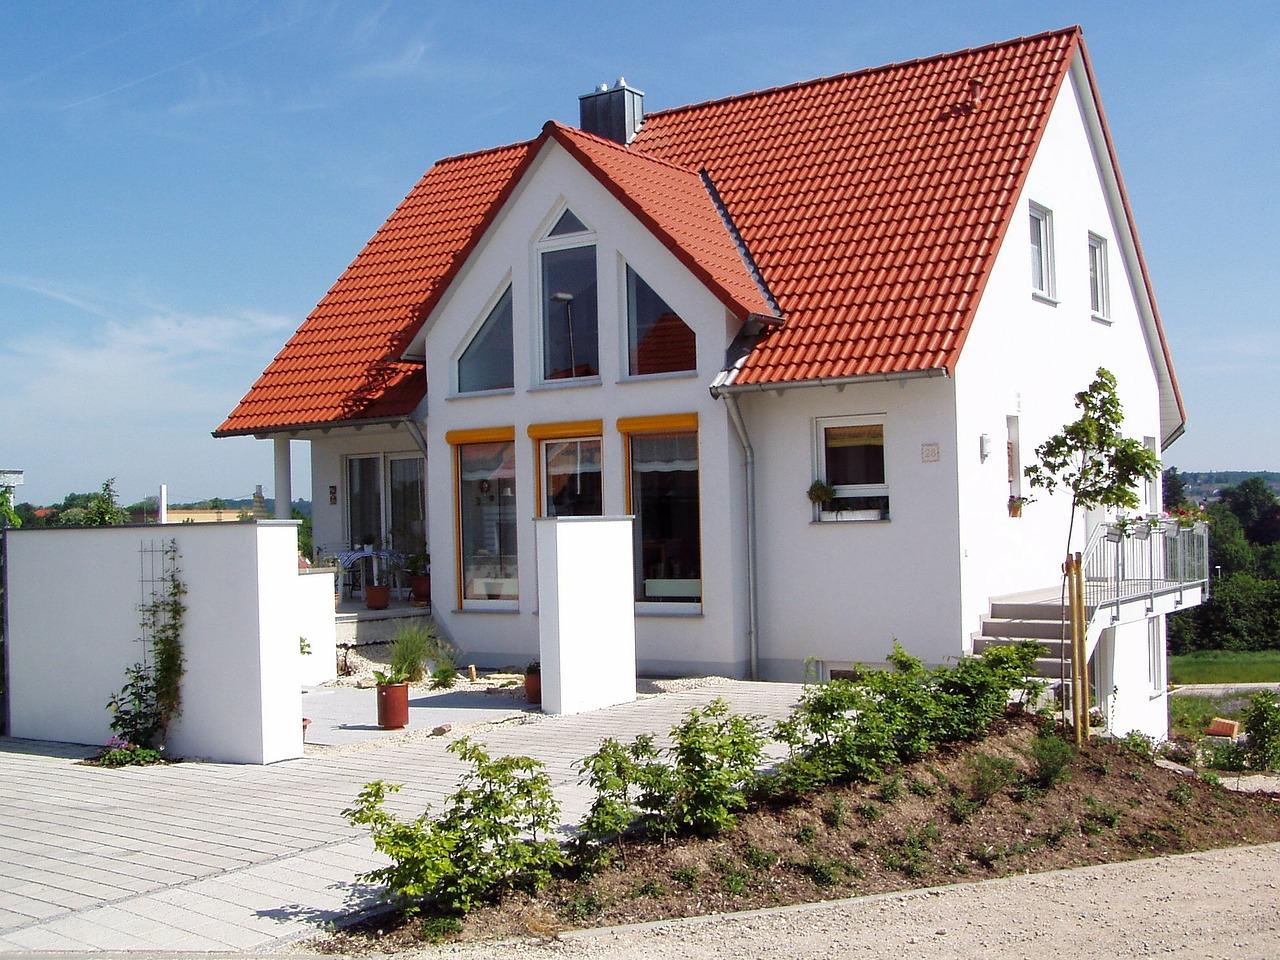 Dlaczego warto stosować membrany dachowe?